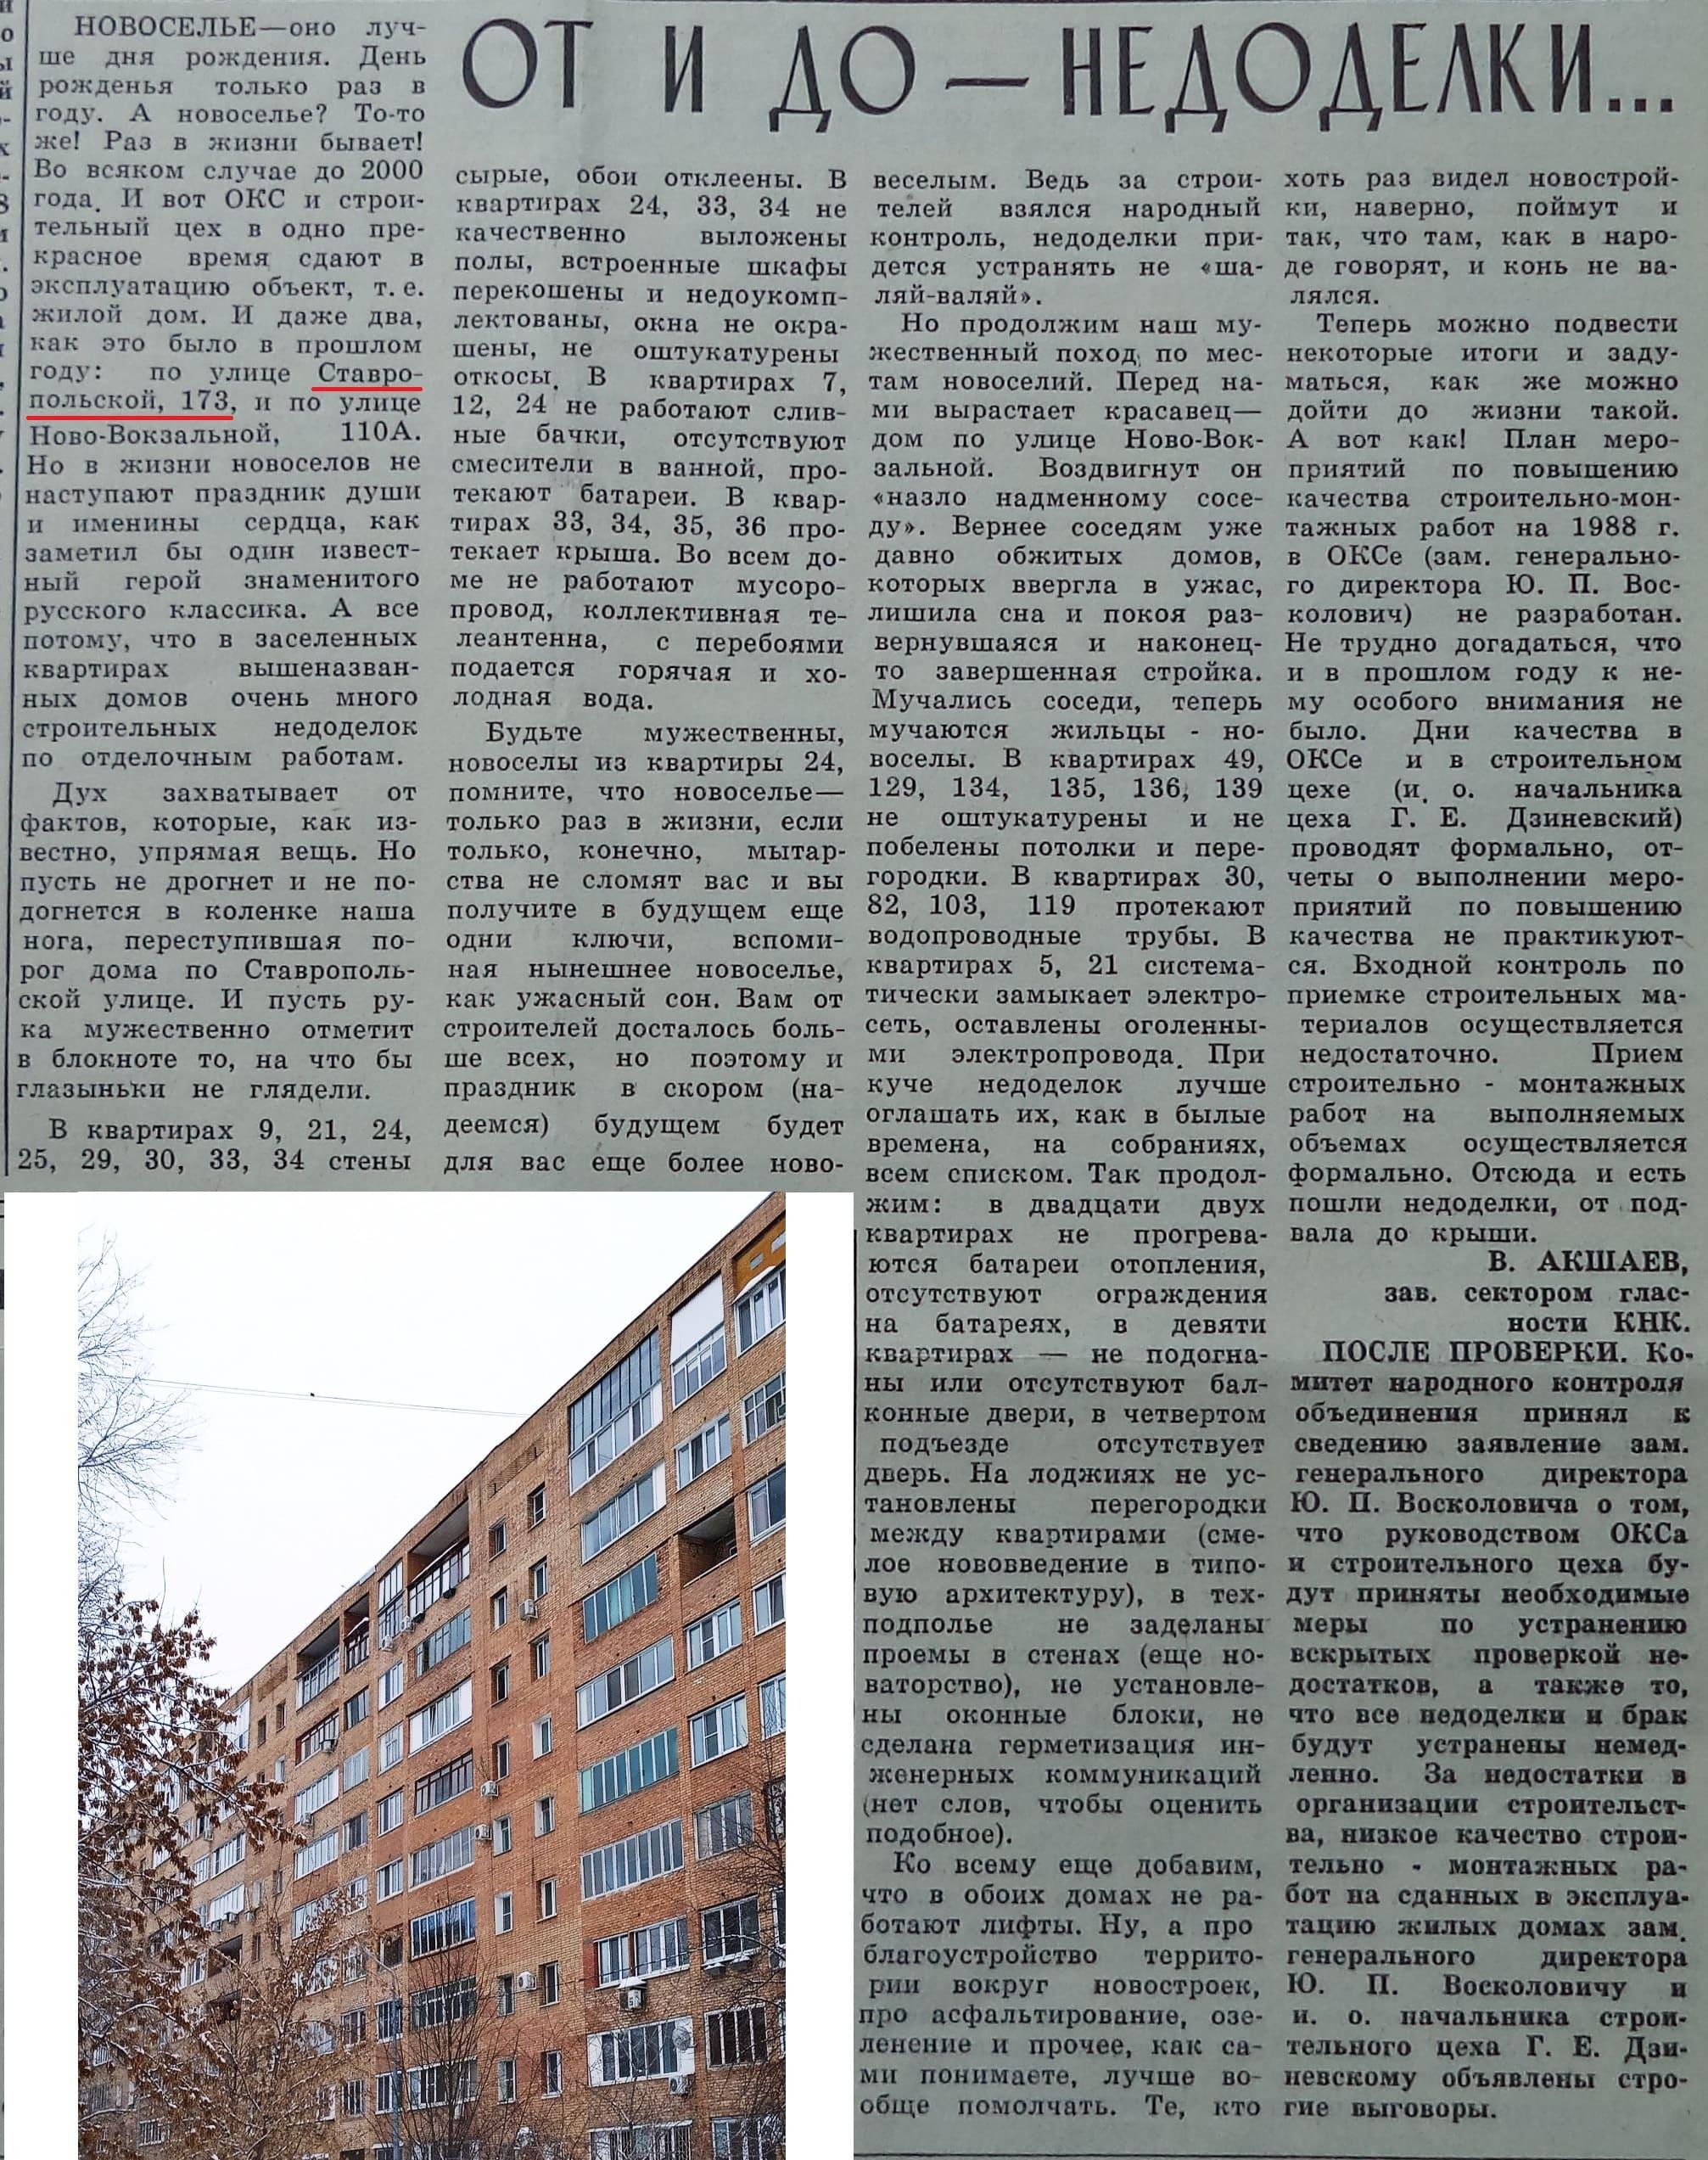 Ставропольская-ФОТО-72-Моторостроитель-1988-22 апреля-min